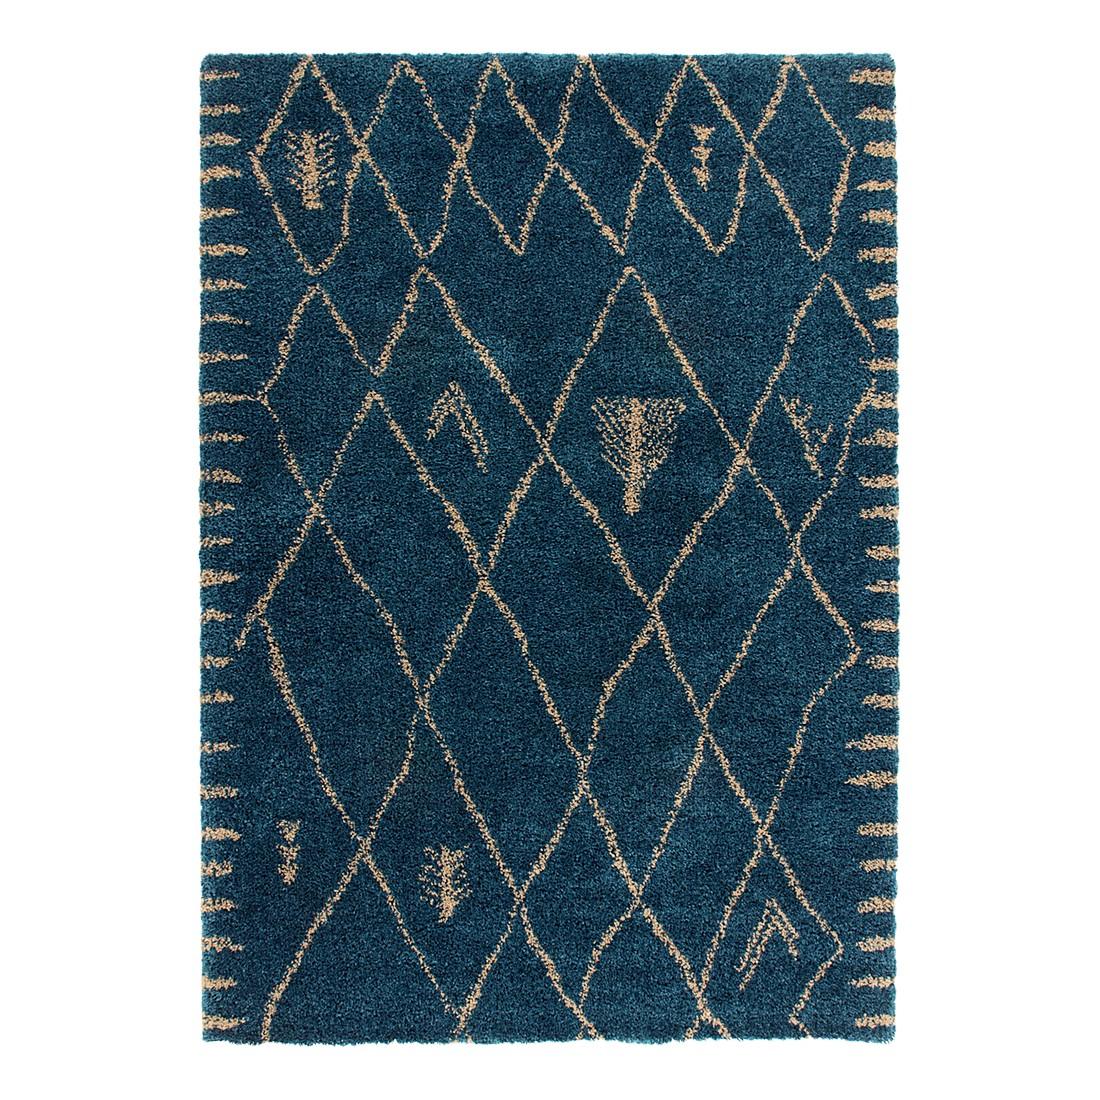 Teppich Romania – Brasov – Türkis – 200 x 290 cm, Kayoom kaufen